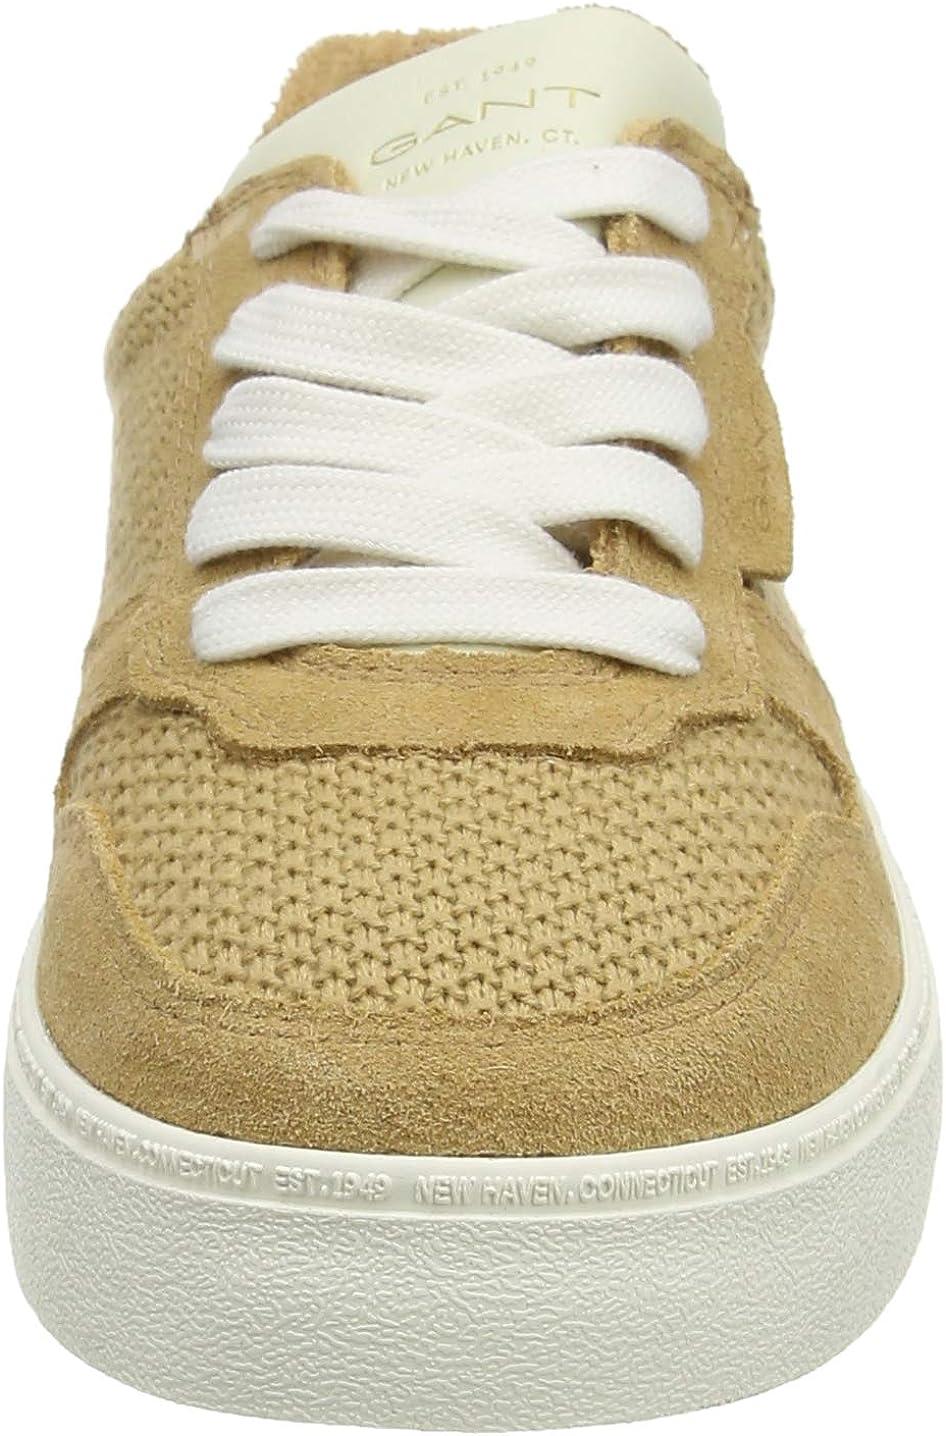 GANT Women's Low-Top Sneakers Beige Fudge Caramel G224